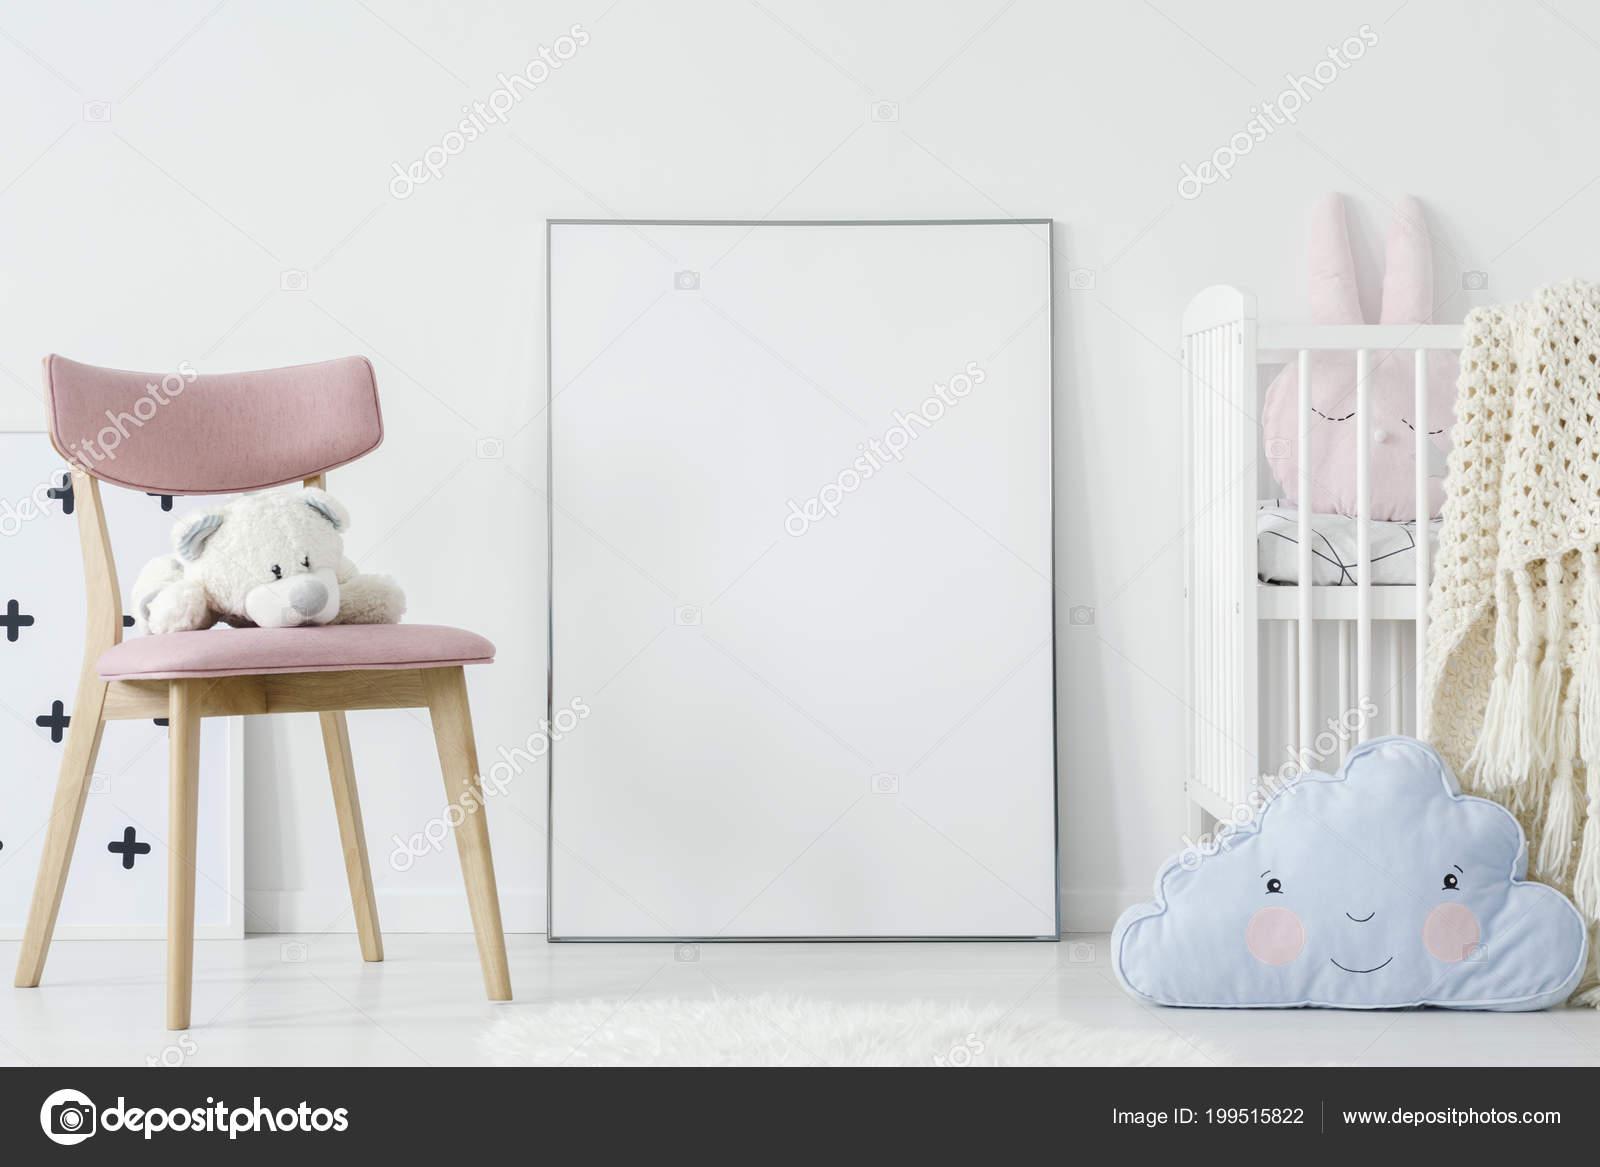 Stoel Voor Kind : Pluche speelgoed roze stoel blauw kussen kind kamer interieur met